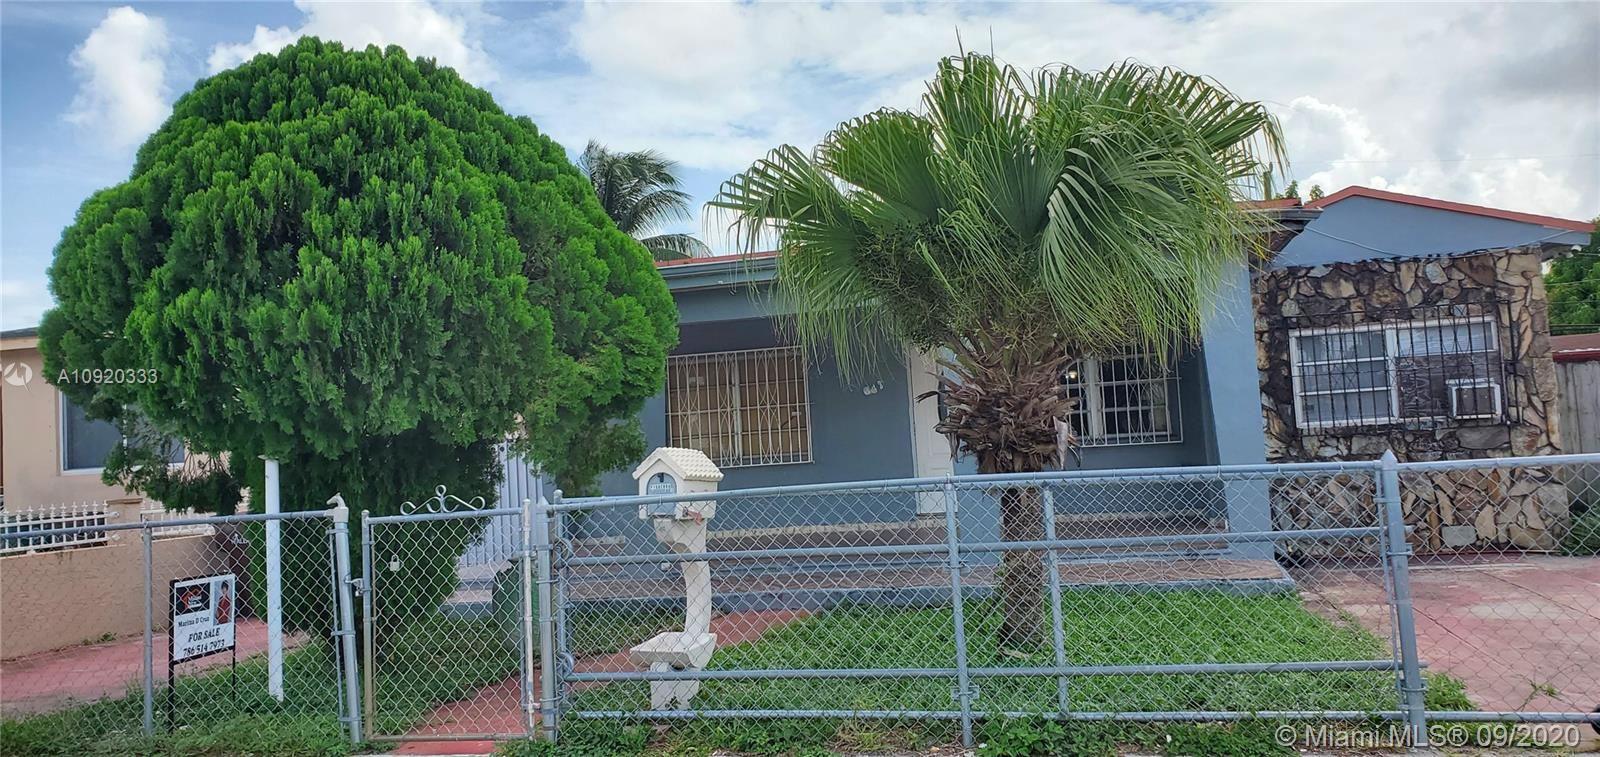 642 E 18th St, Hialeah, FL 33013 - #: A10920333